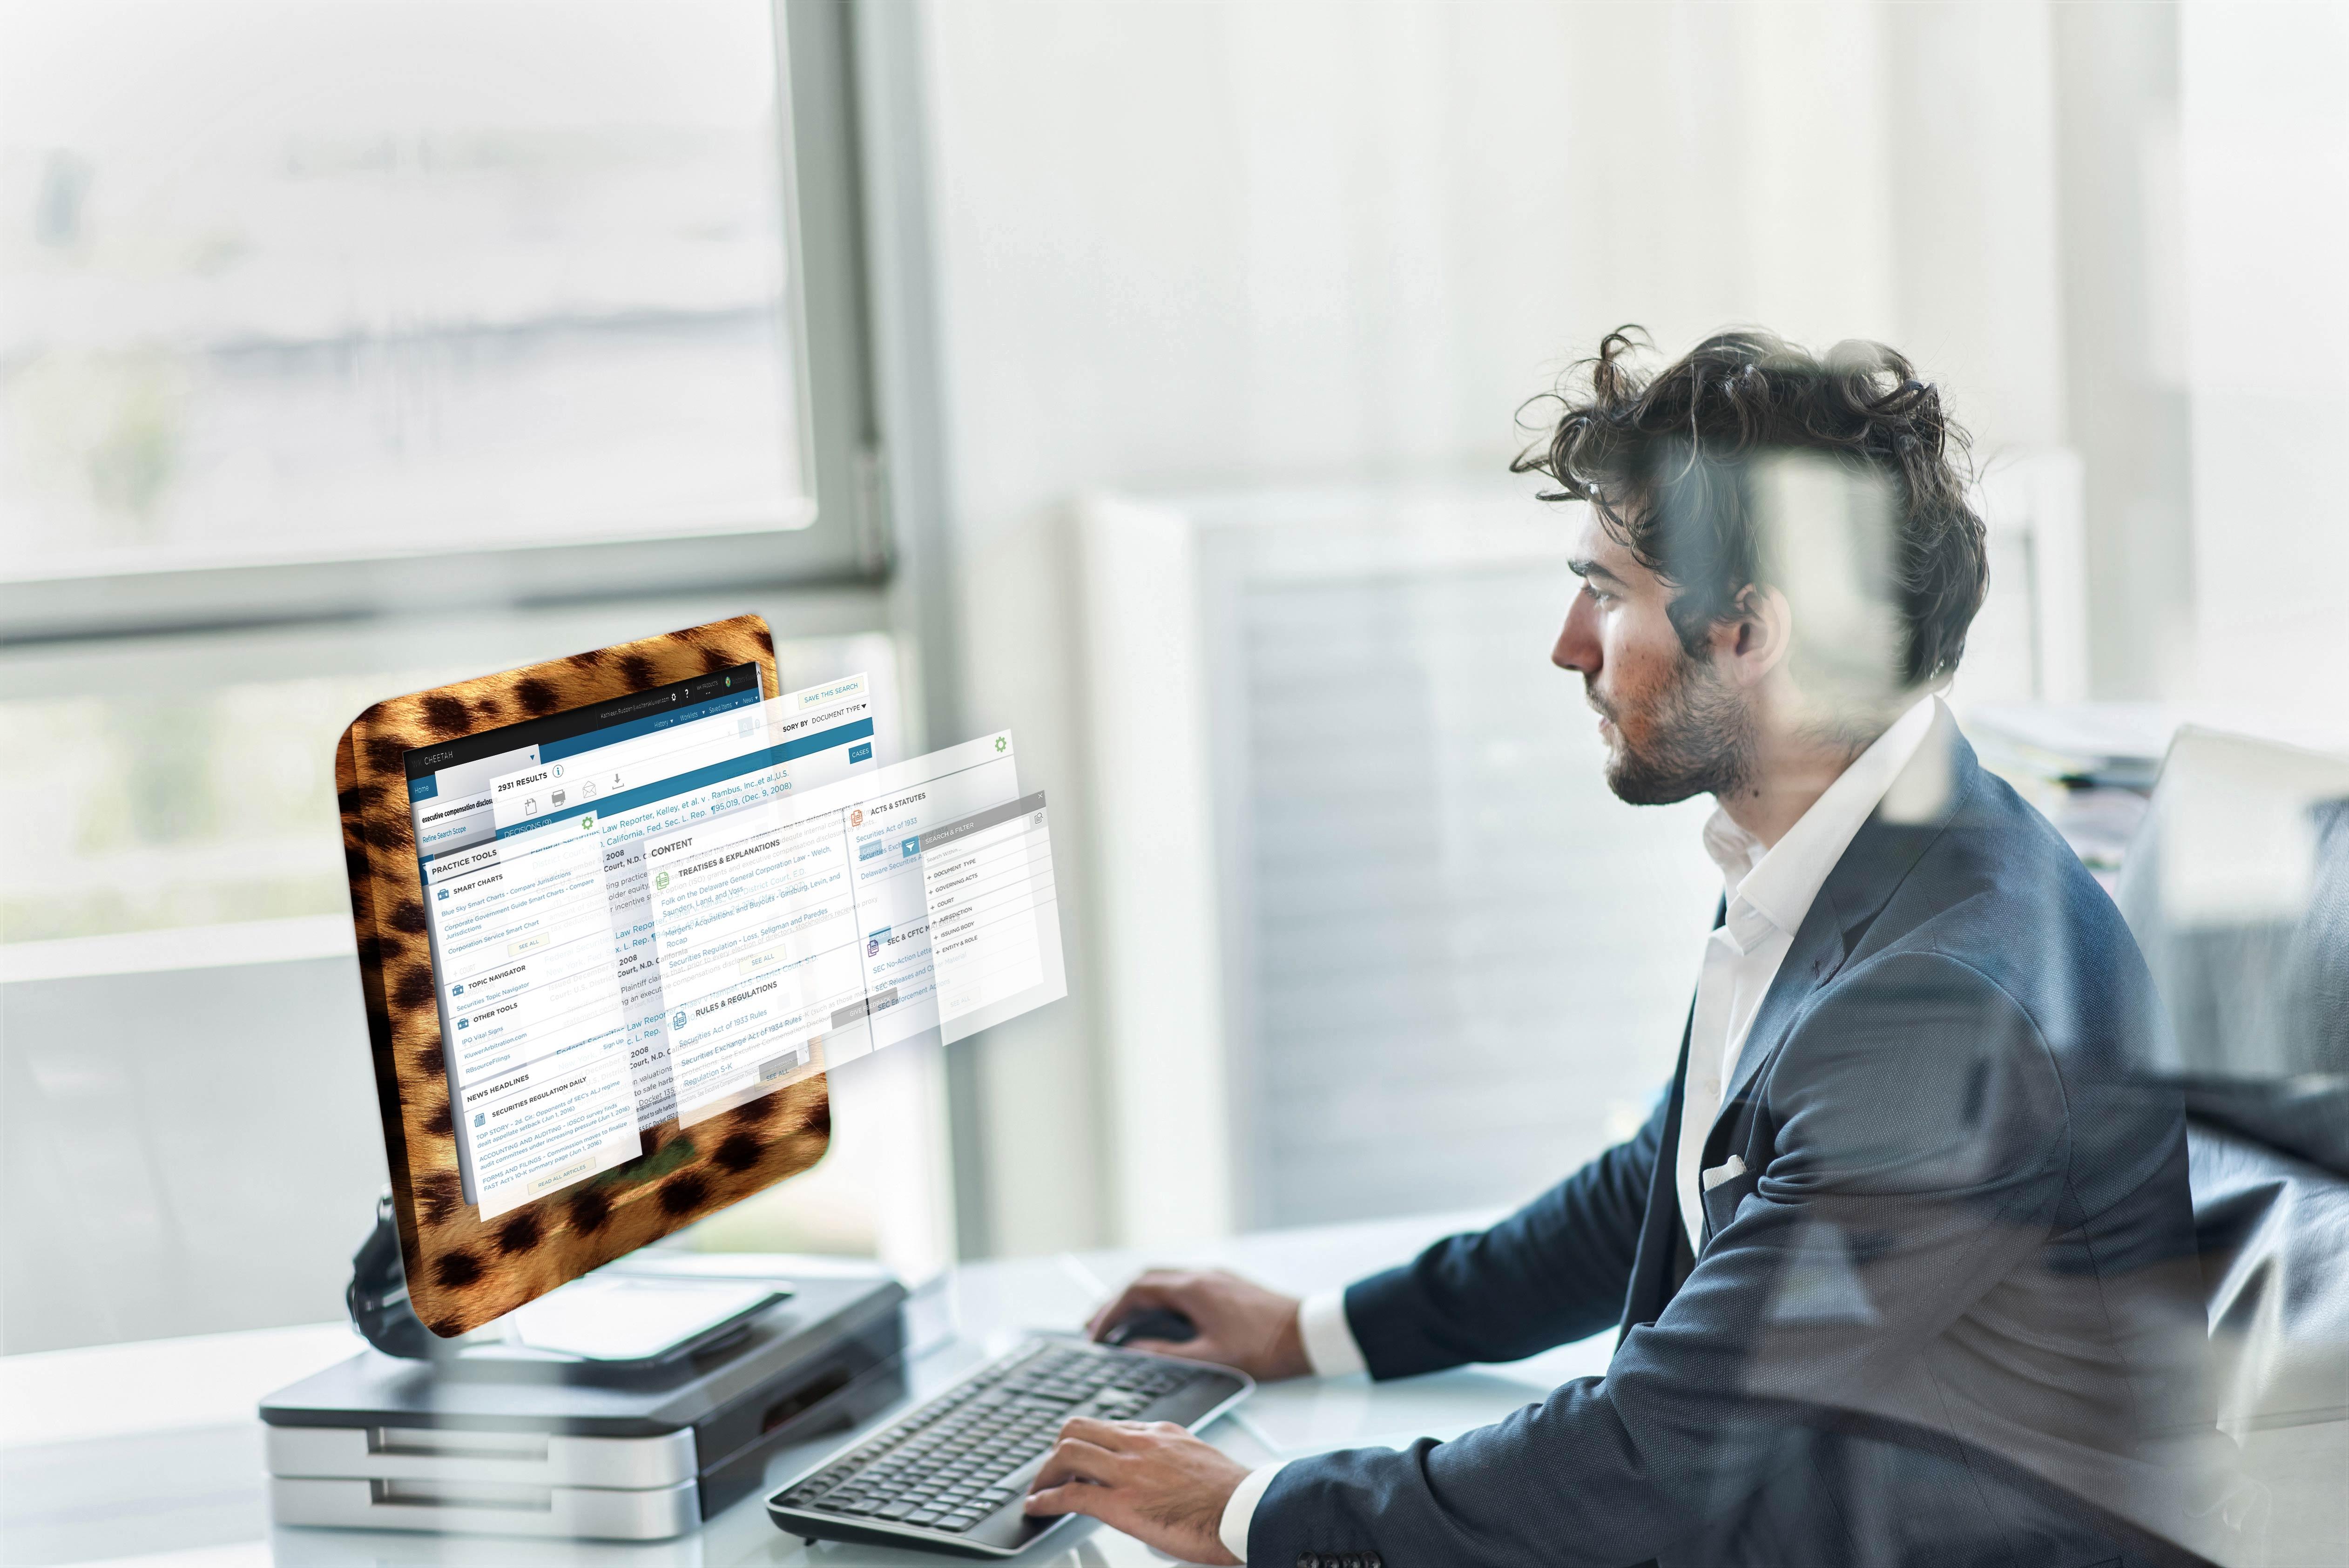 cheetah-campaign-screens-desktop-700